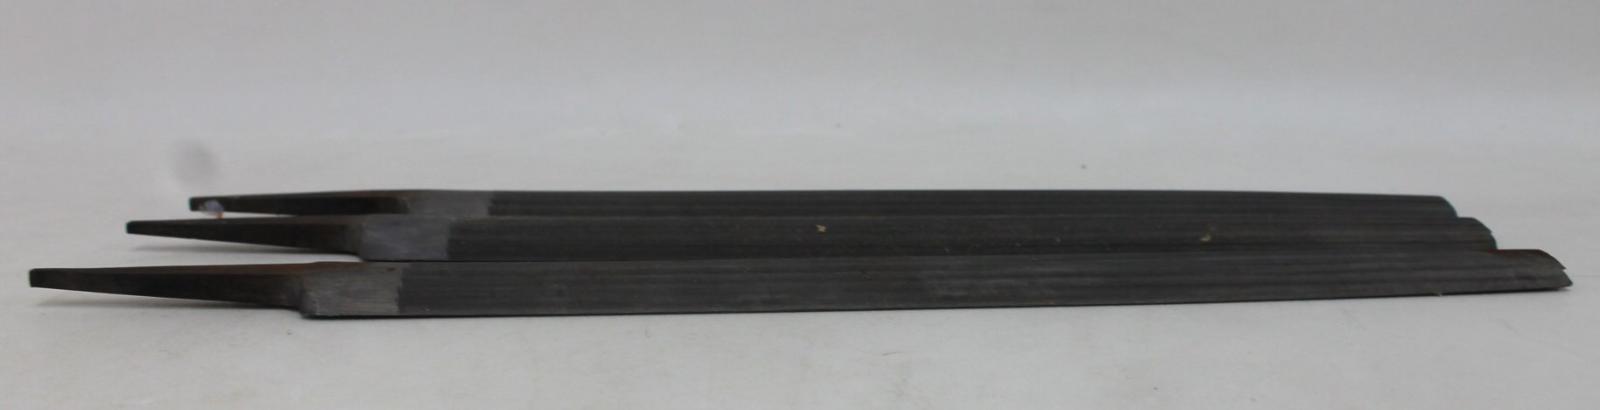 3-X-trabajo-de-madera-y-metal-Nicholson-Medio-Redondo-14-034-archivos-de-mano-corte-suave-30mm miniatura 8